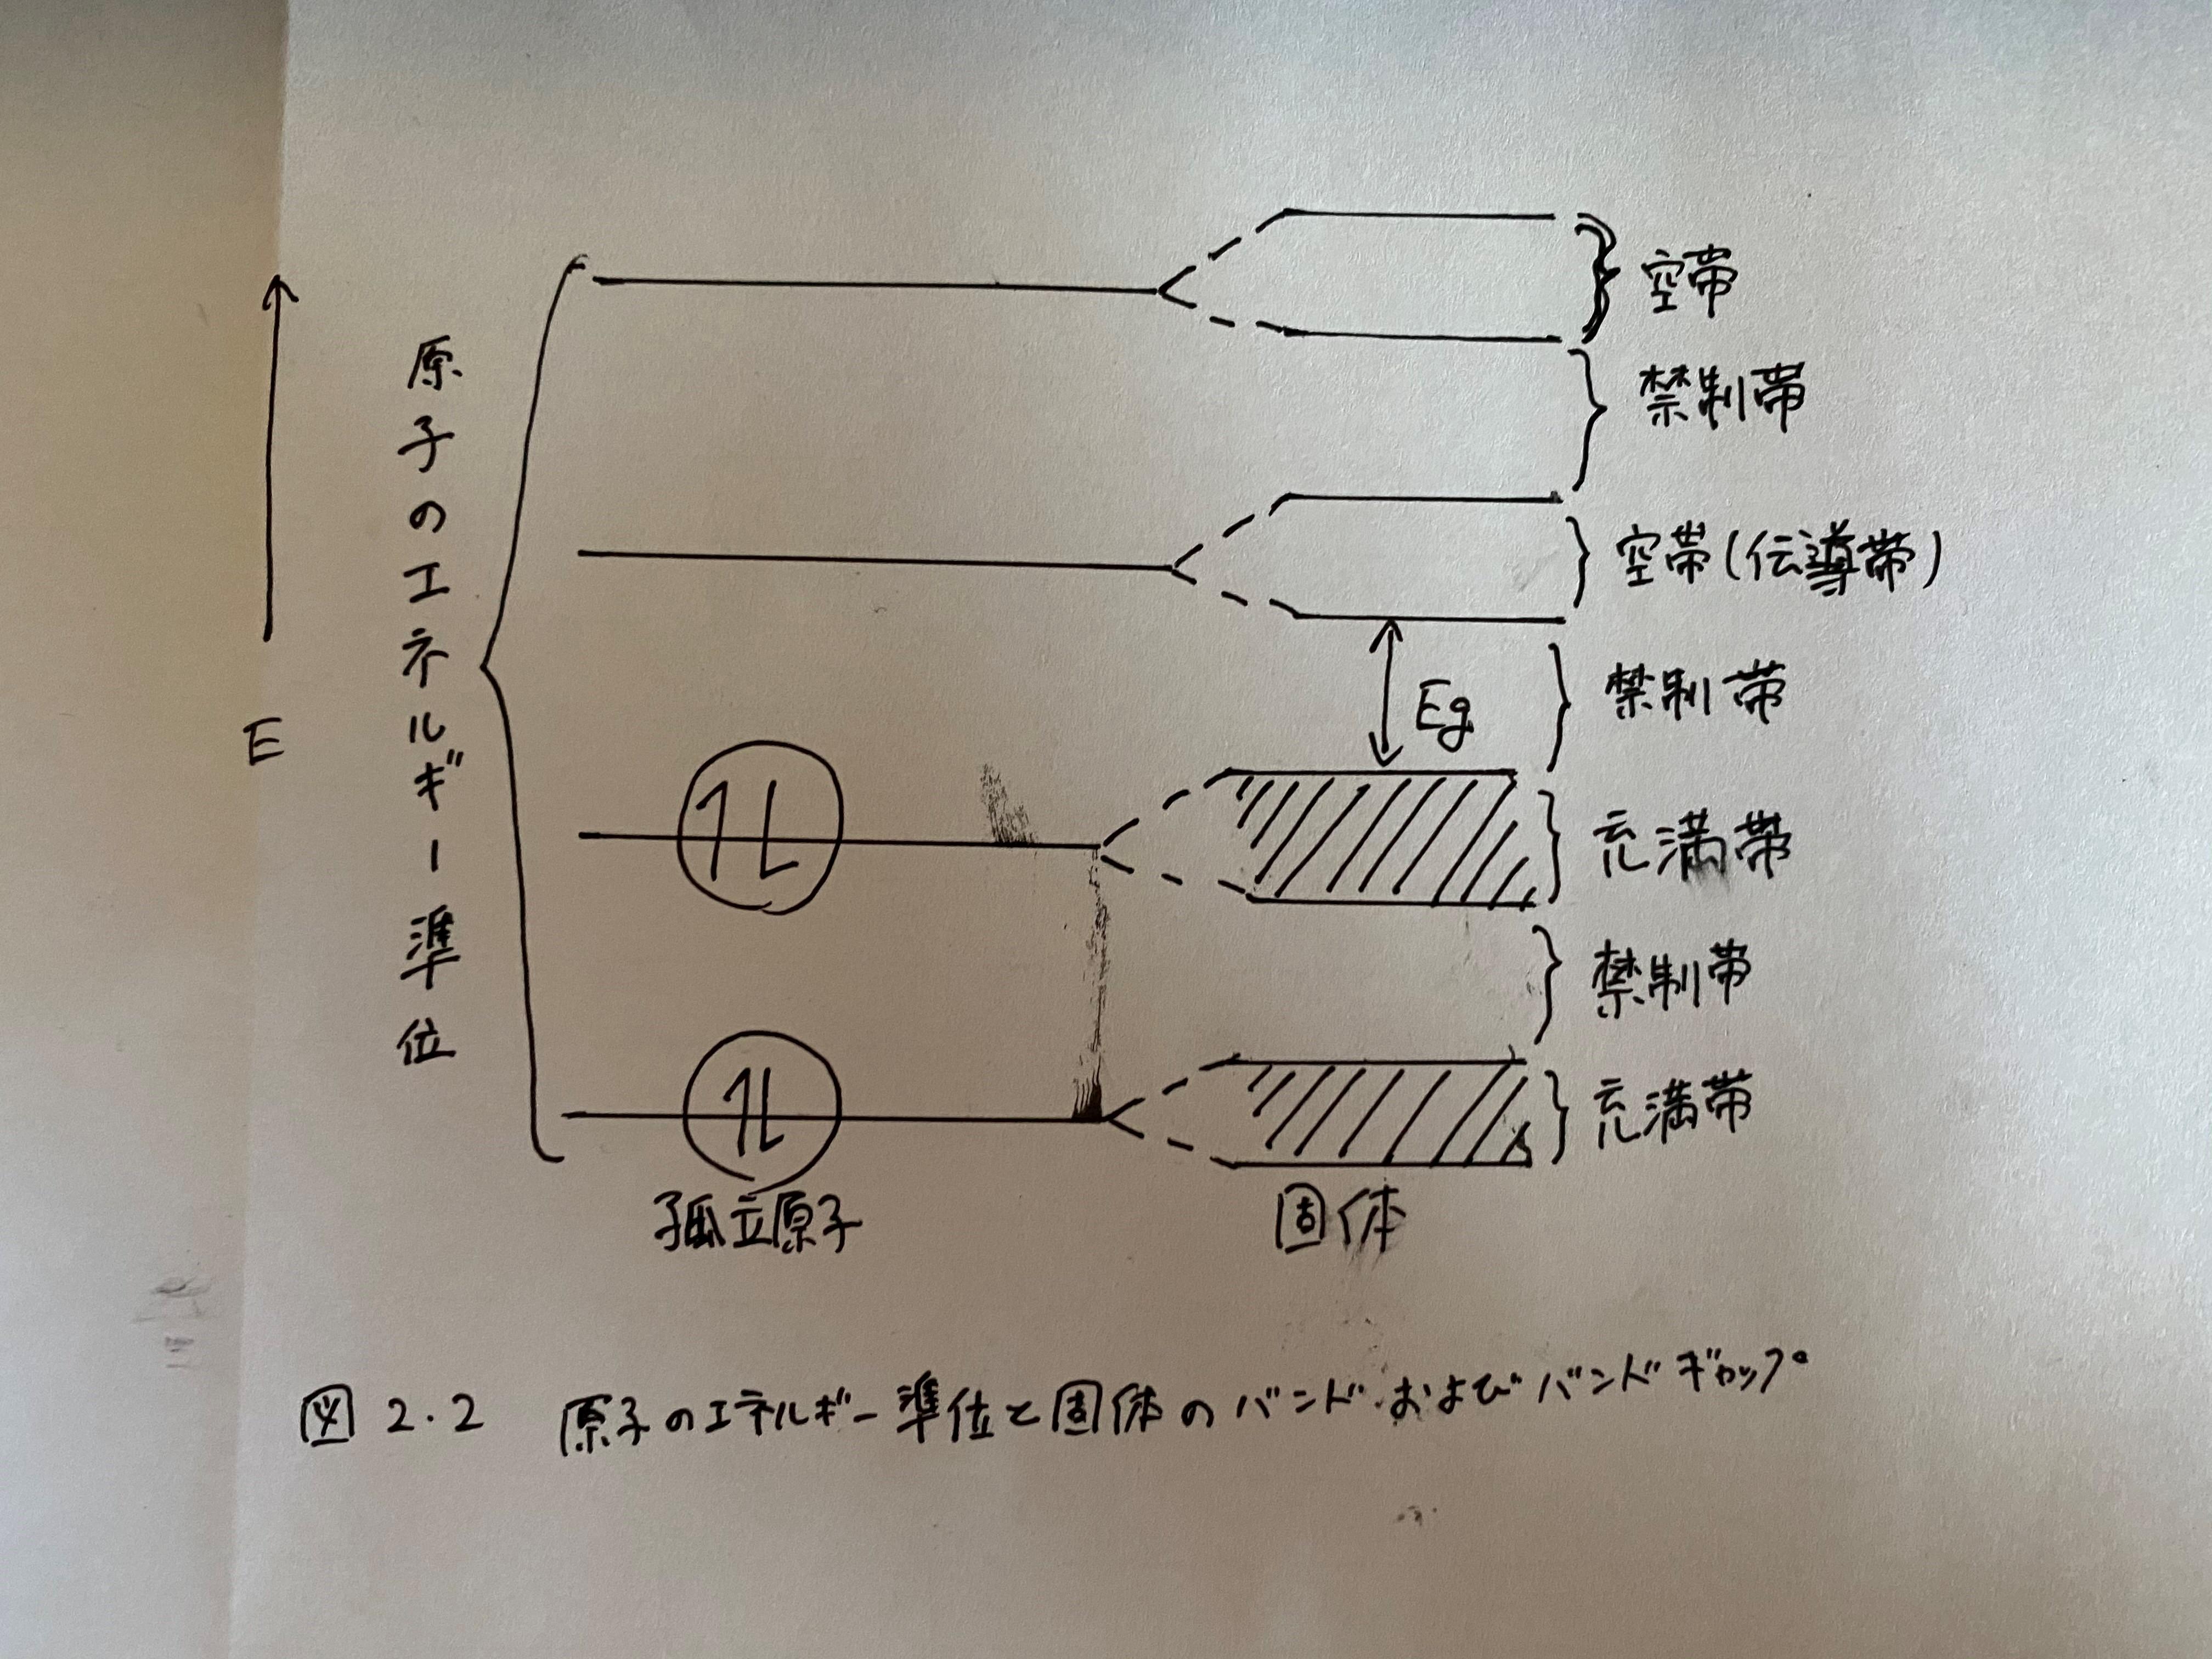 図2.2 原子のエネルギー準位と固体のバンド及びバンドギャップ